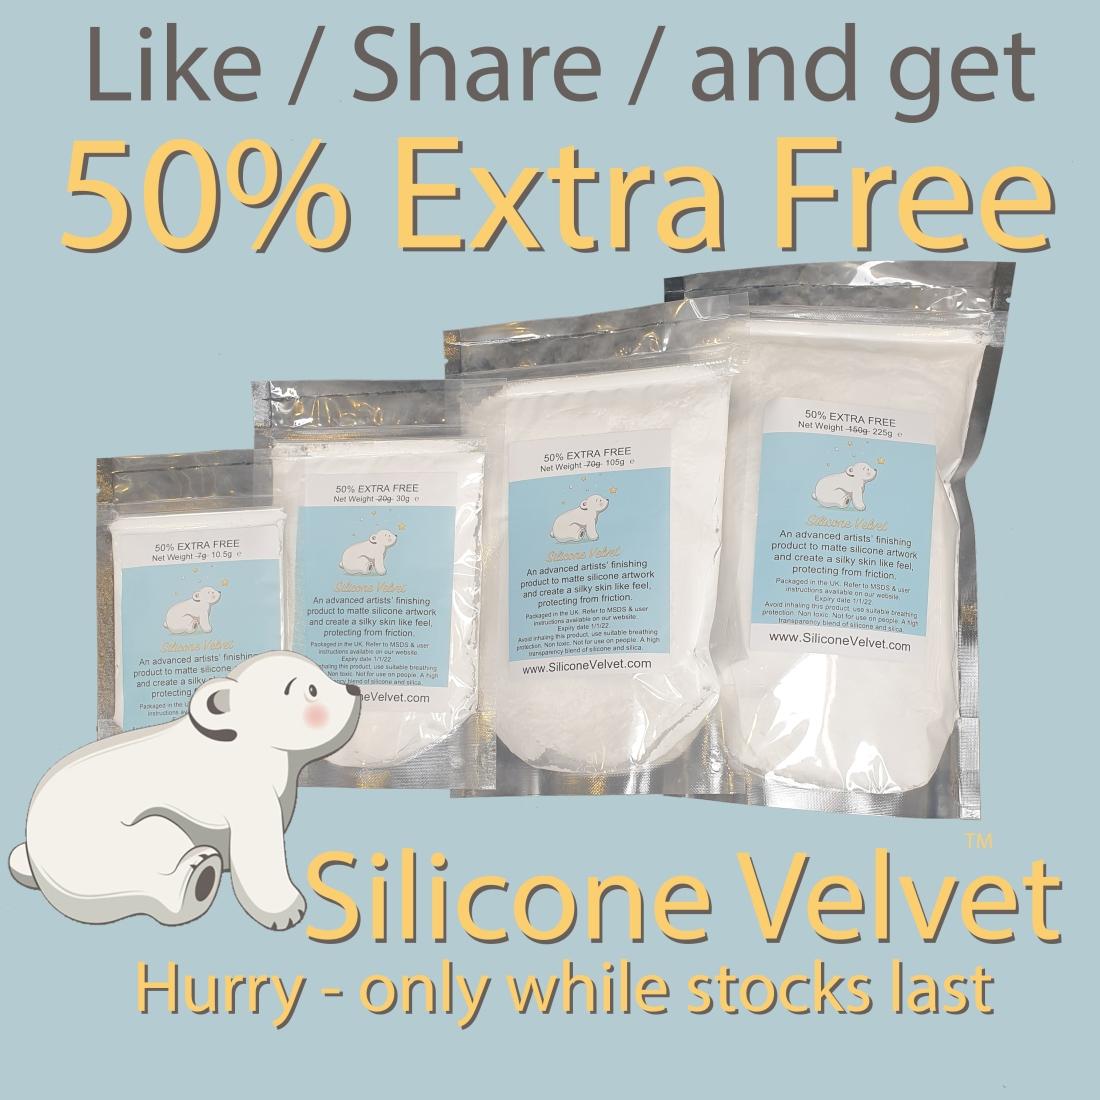 silicone velvet 50% extra free